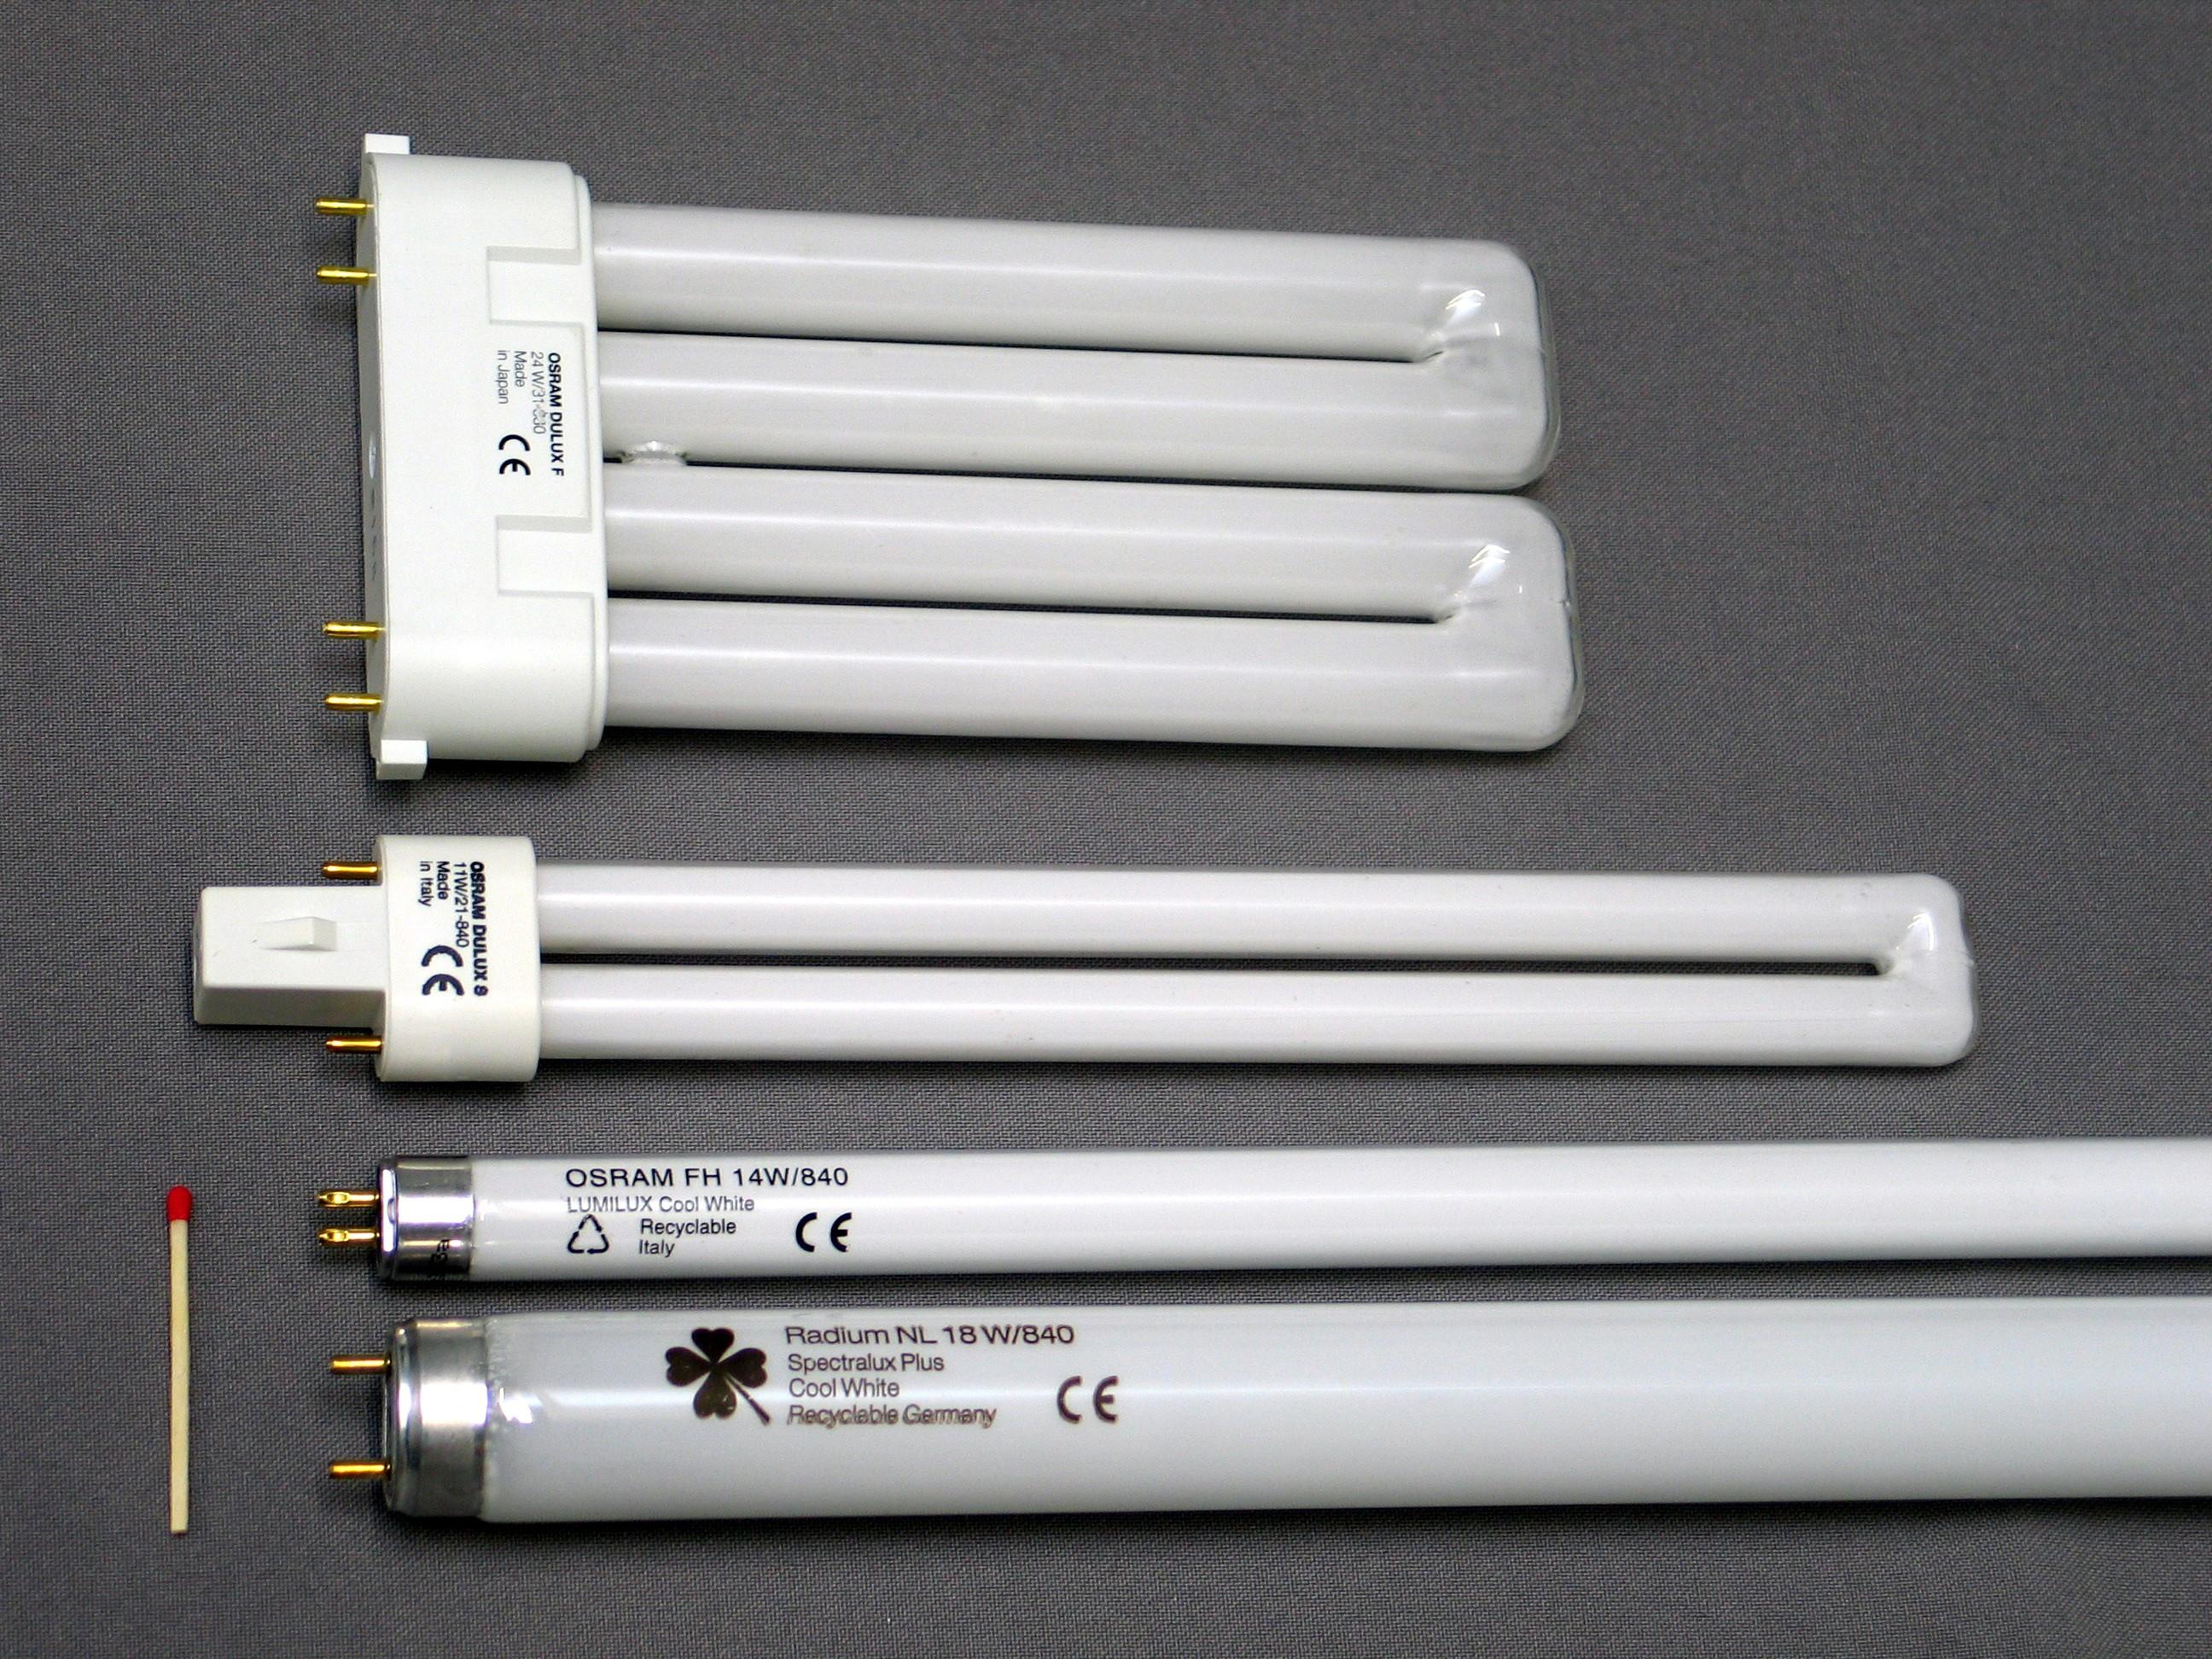 Leuchtstofflampen-chtaube050409.jpg